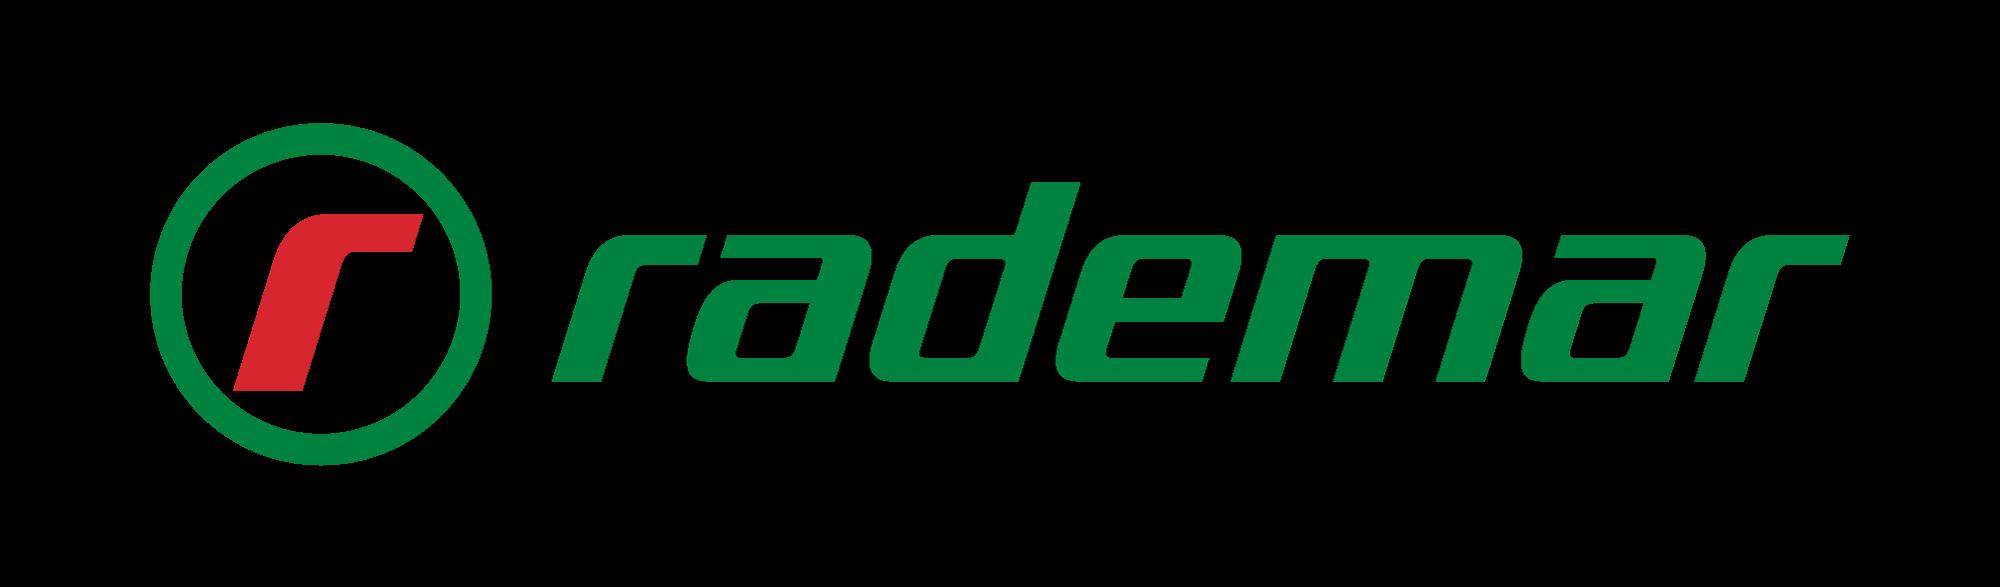 Rademar-logo_color_long